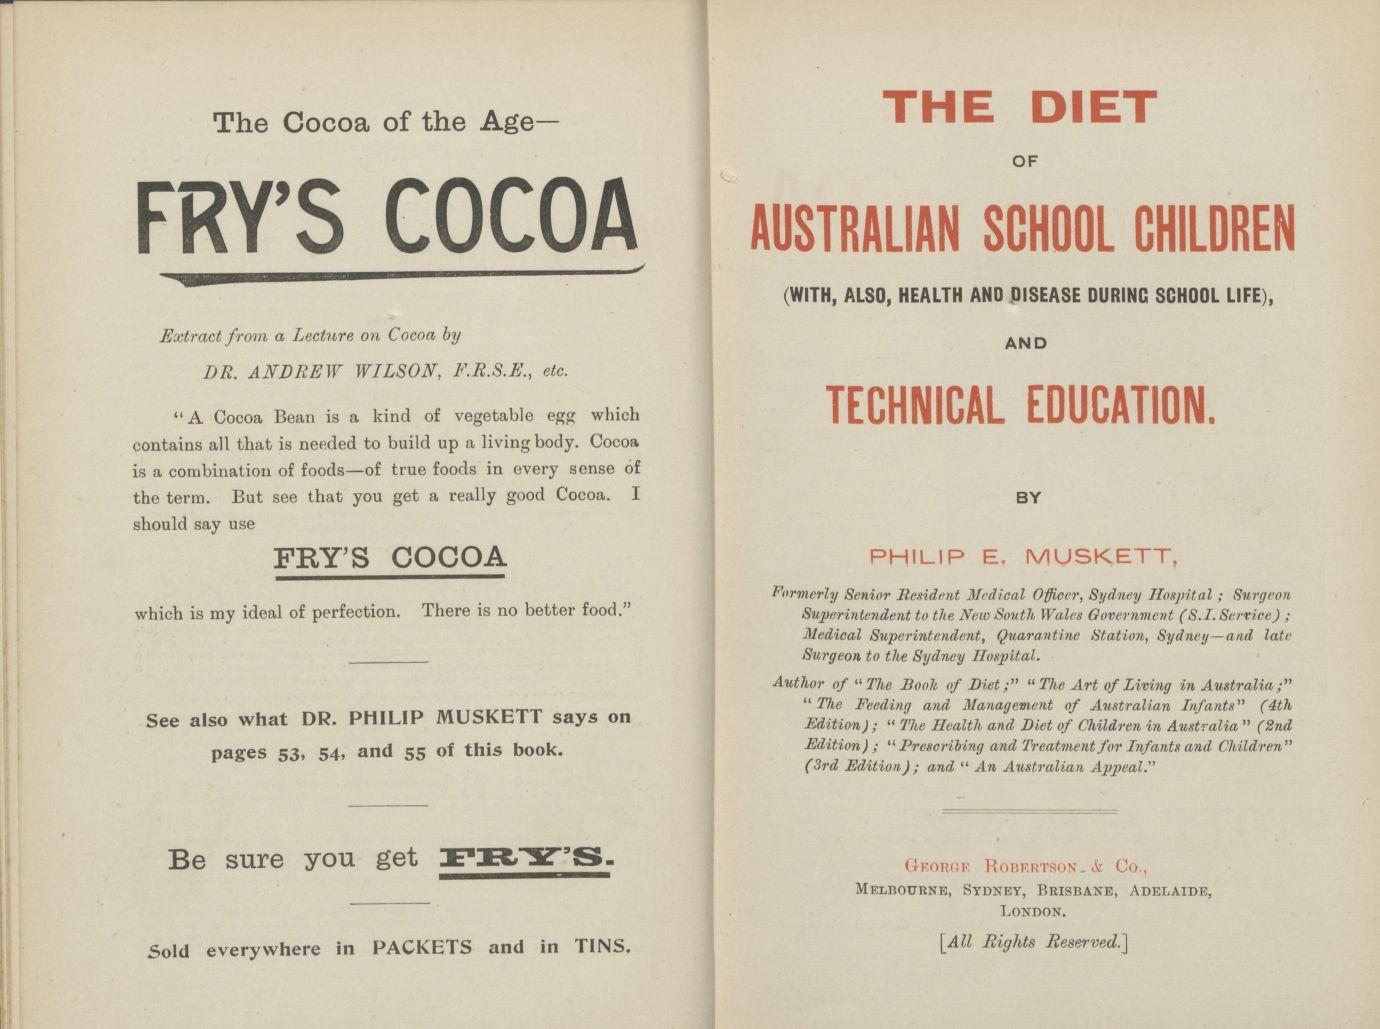 The Diet of Australian School Children